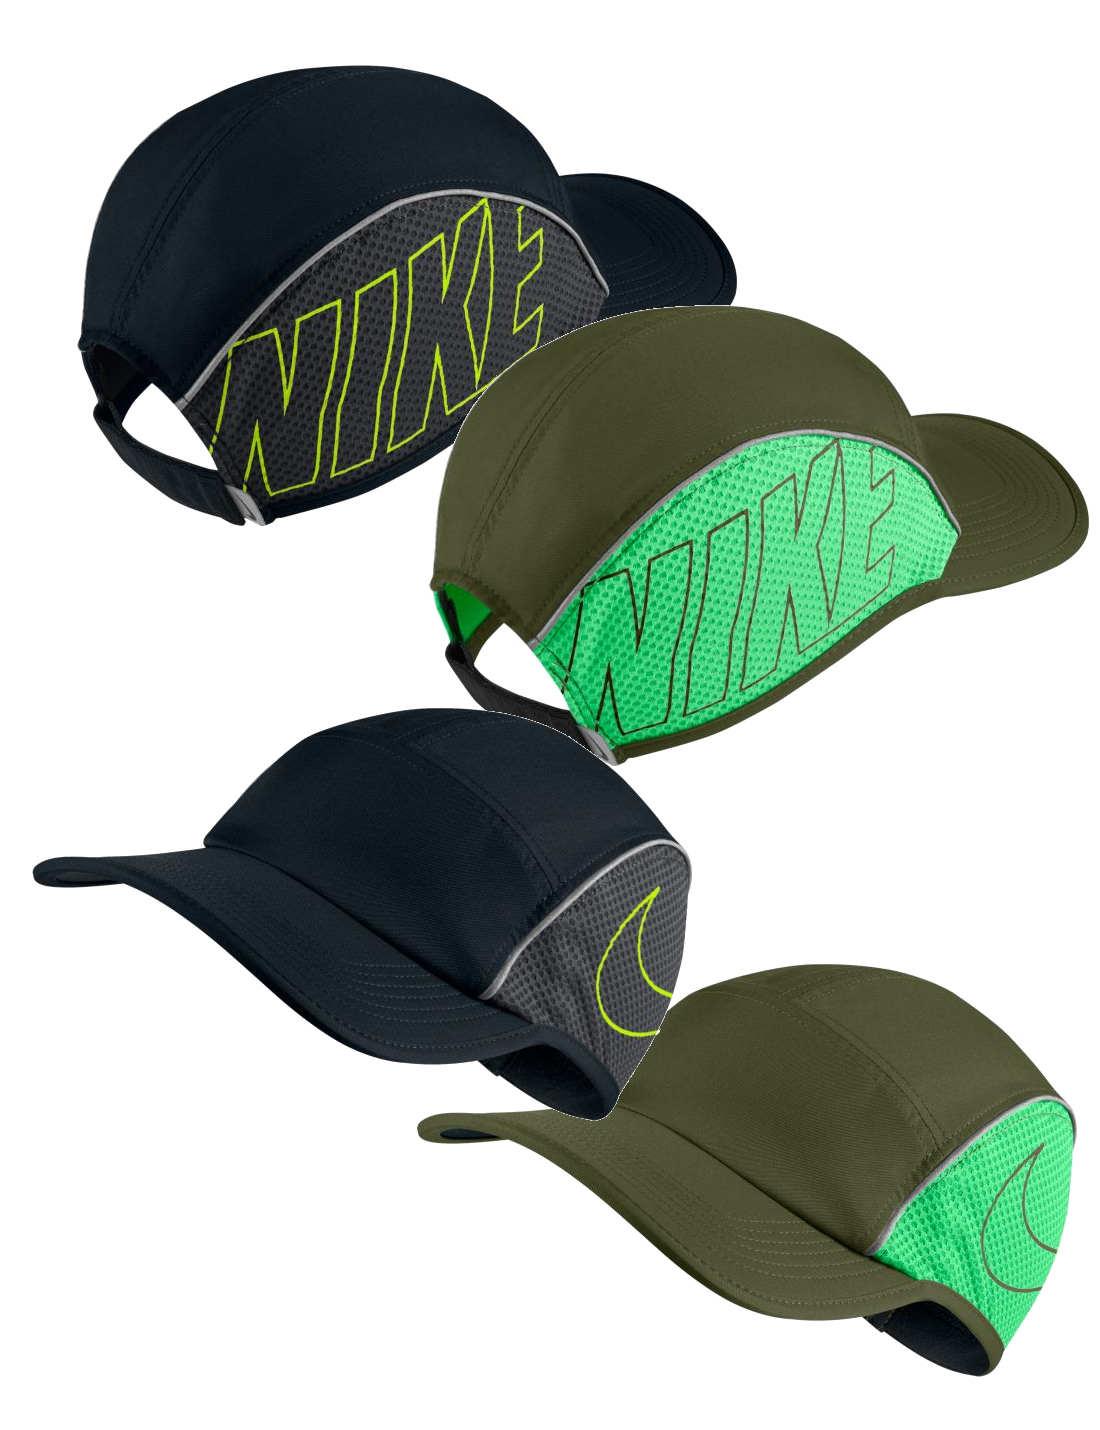 47237e6c79 AeroBill Running Nike Cappello Berretto Hat Berretto Uomo | eBay